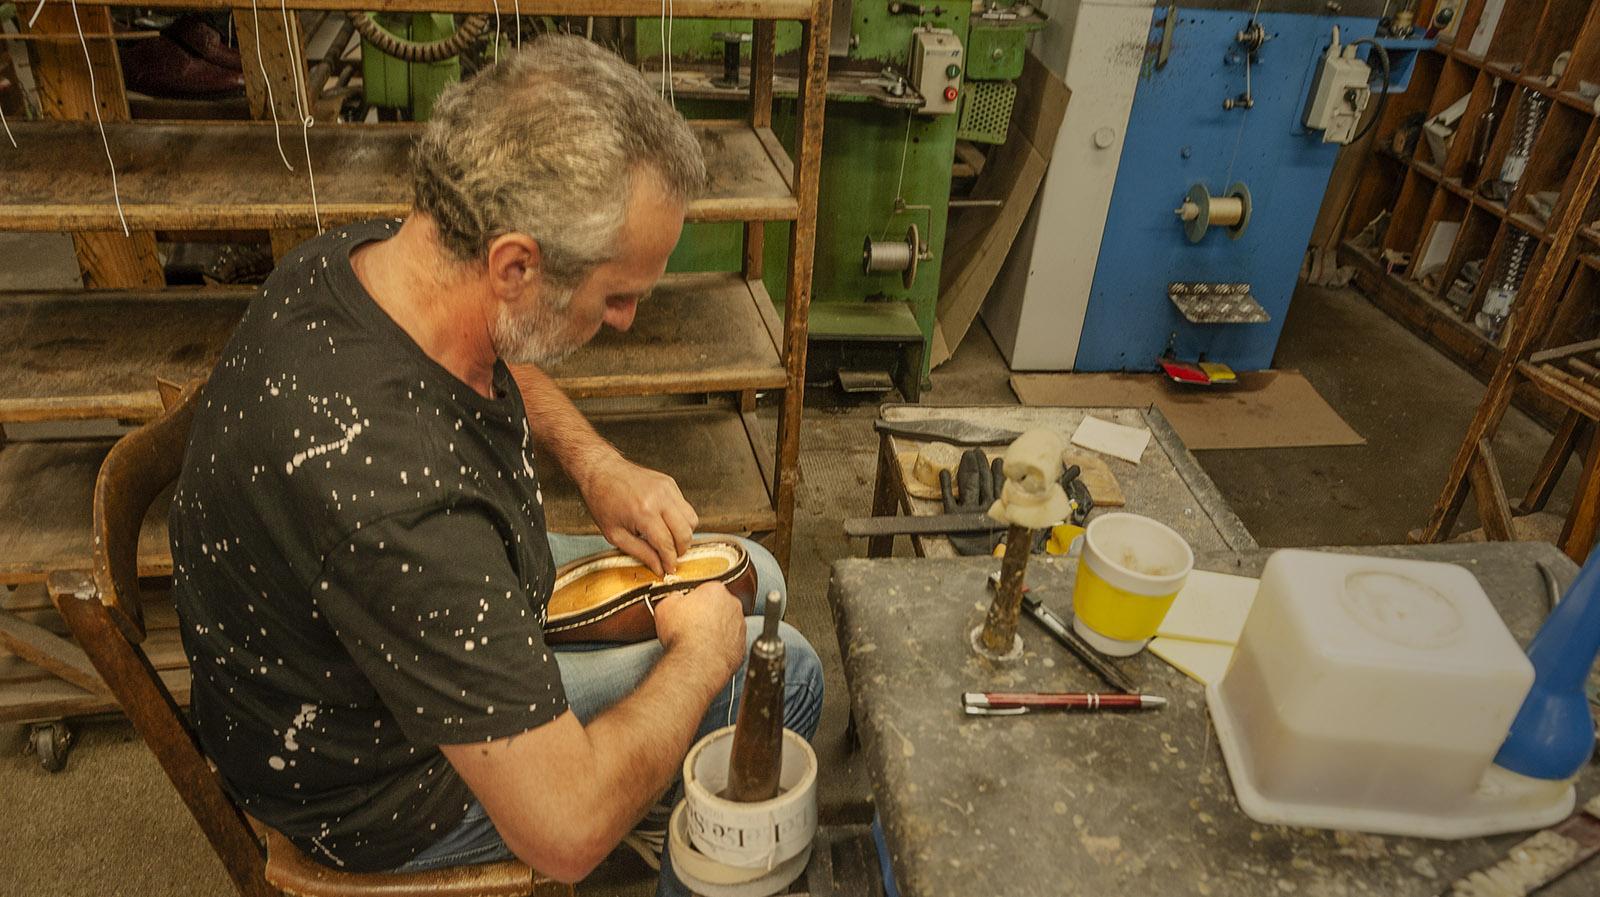 Le Soulor: In der Werkstatt. Foto: Hilke Maunder